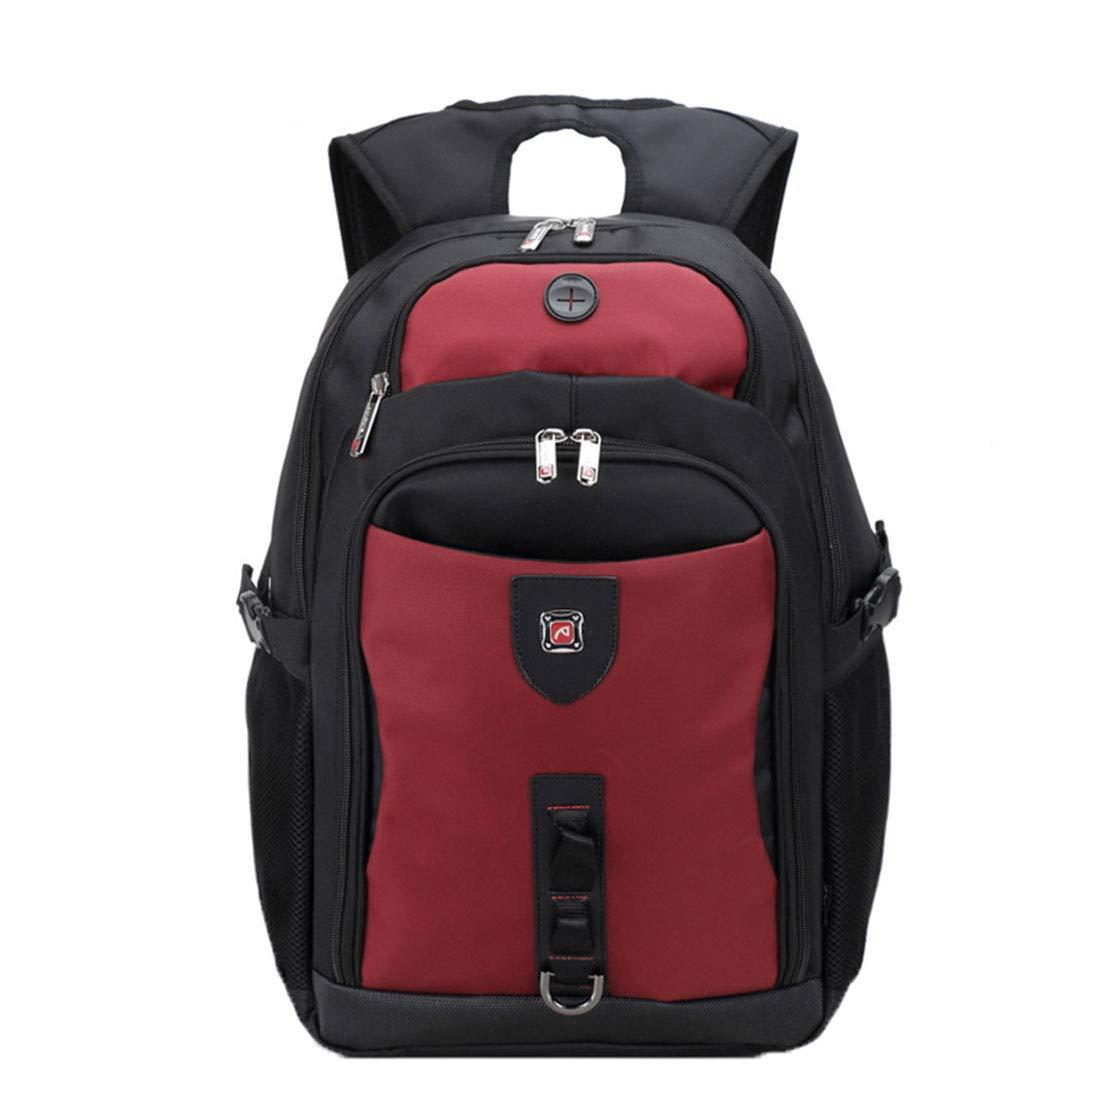 Tianba Uomo Nylon Zaino Grande Zaino Multicoe Zaini Studente Studente Studente Moda Backpack Porlortatile Impermeabile Viaggio Zainetto | Up-to-date Styling  | Di Modo Attraente  a56b57